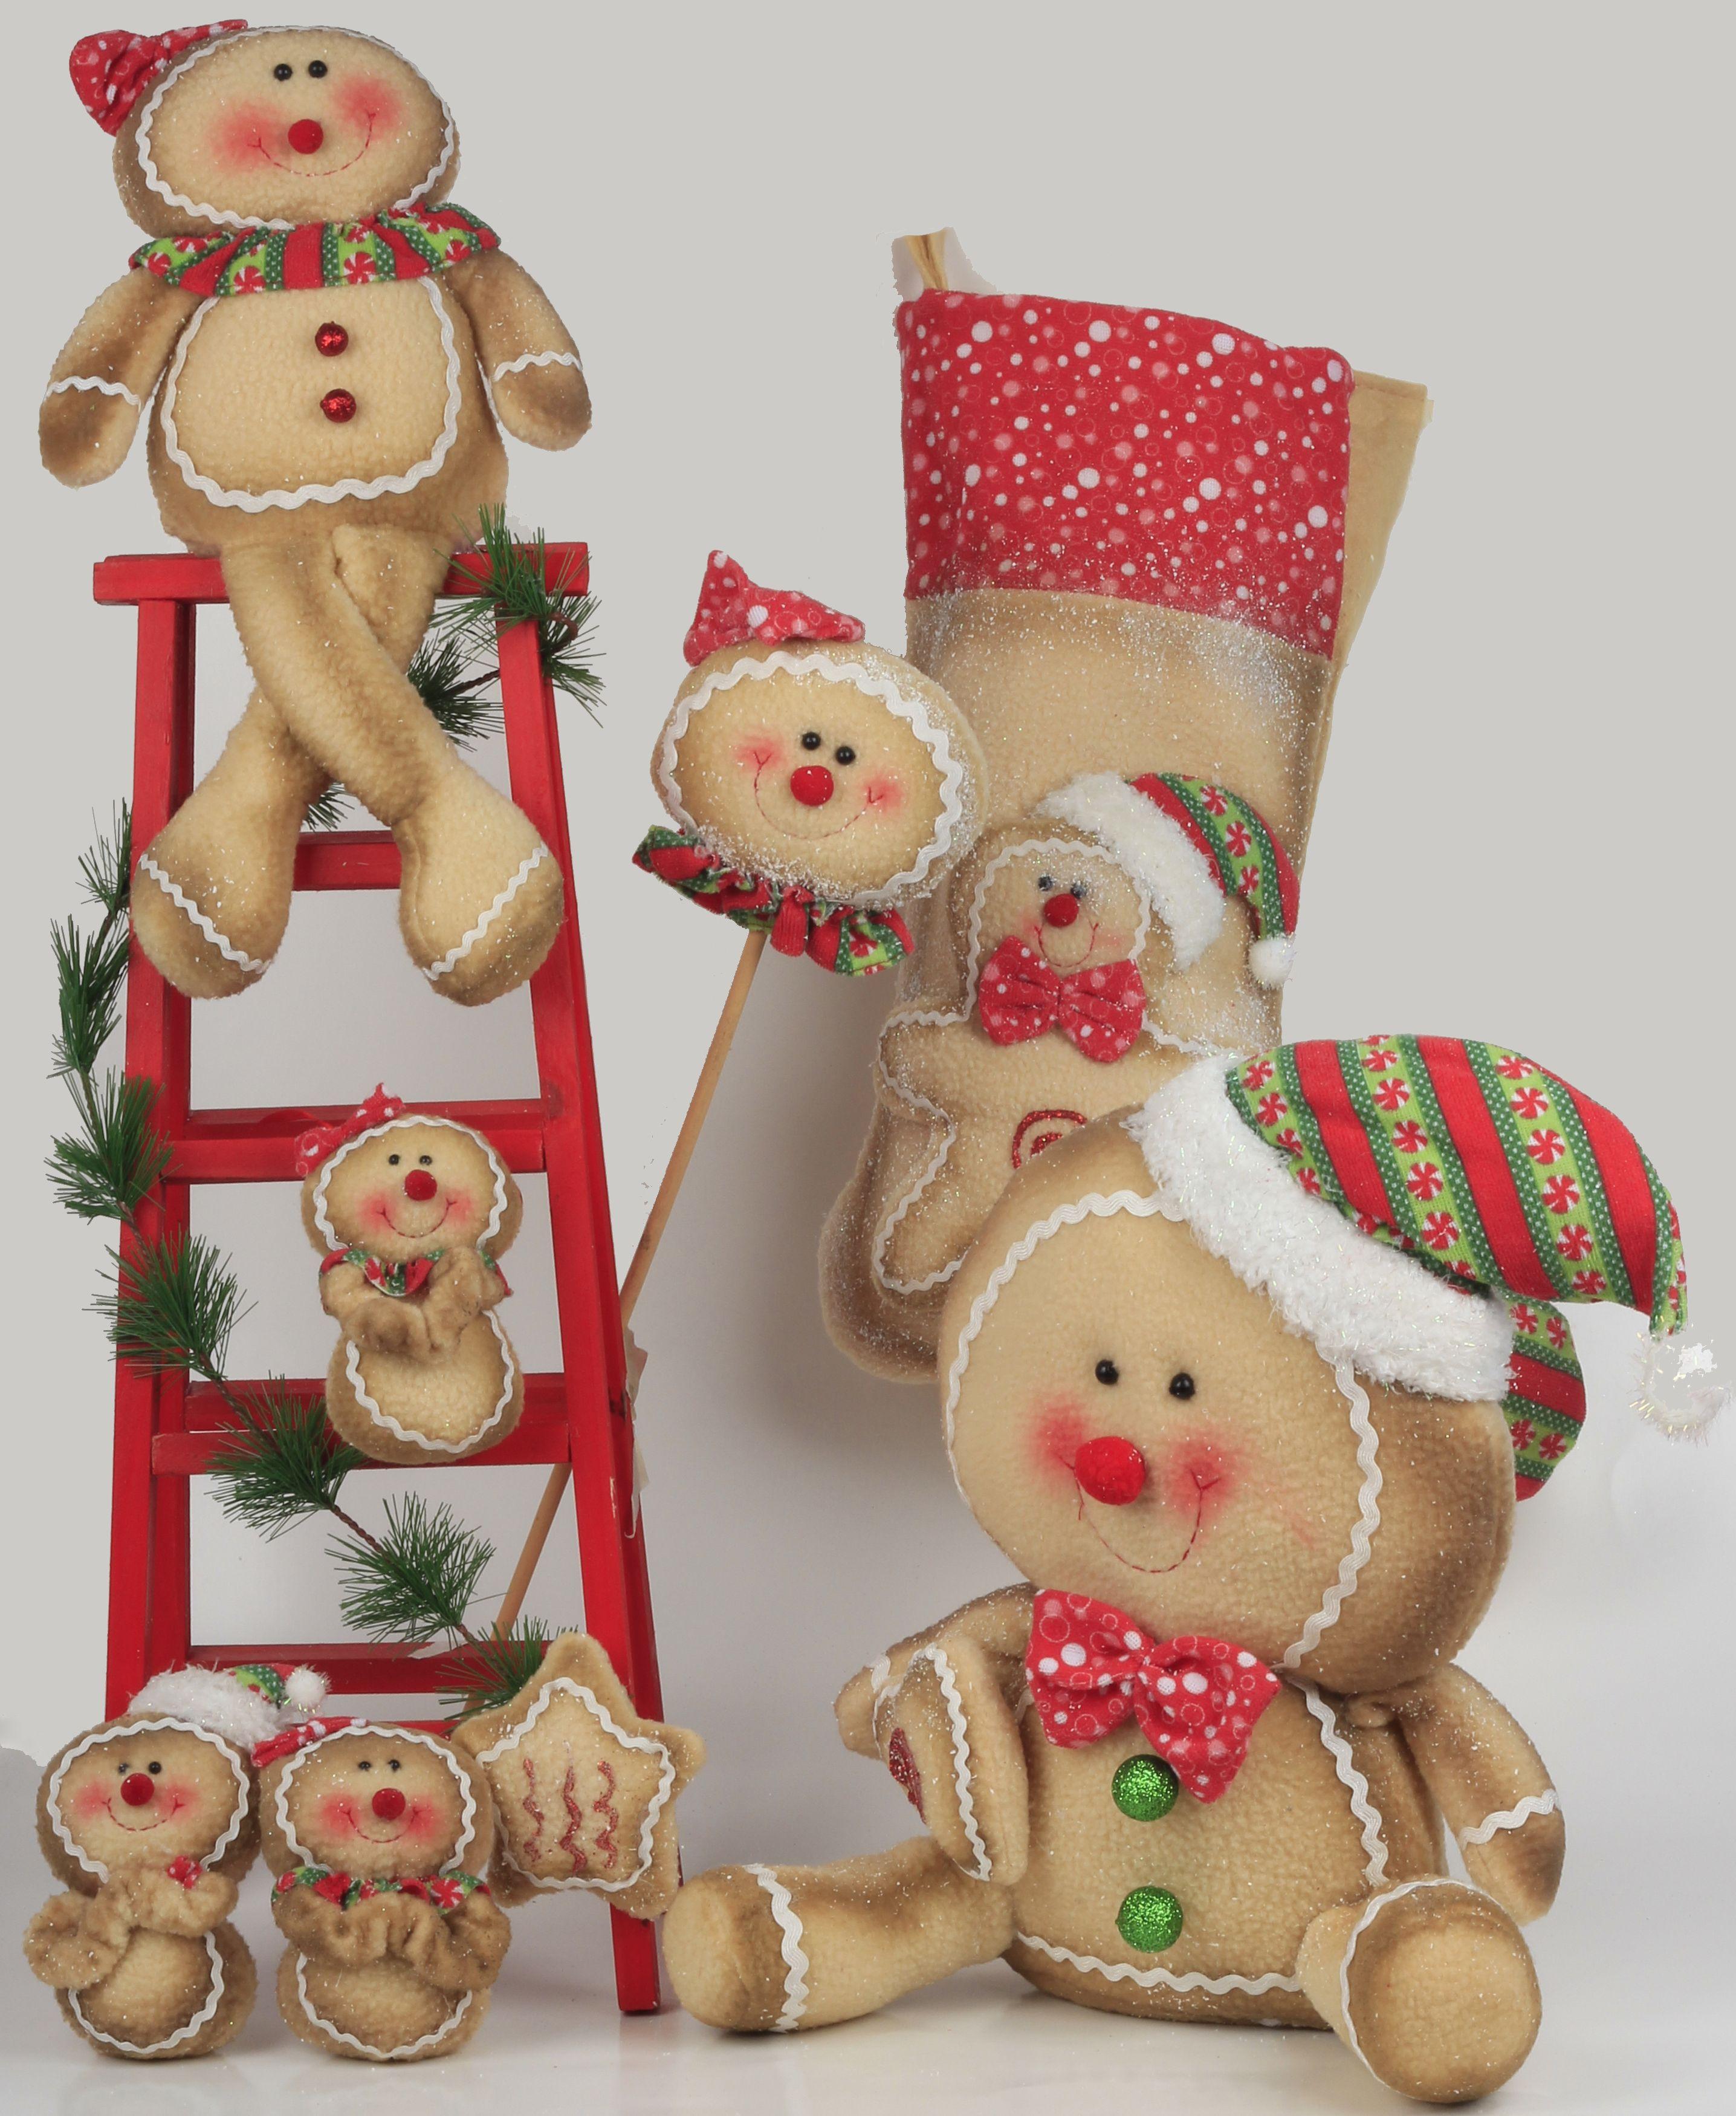 Nueva linea navideña de muñecos de jengibre | NAVIDAD | Pinterest ...